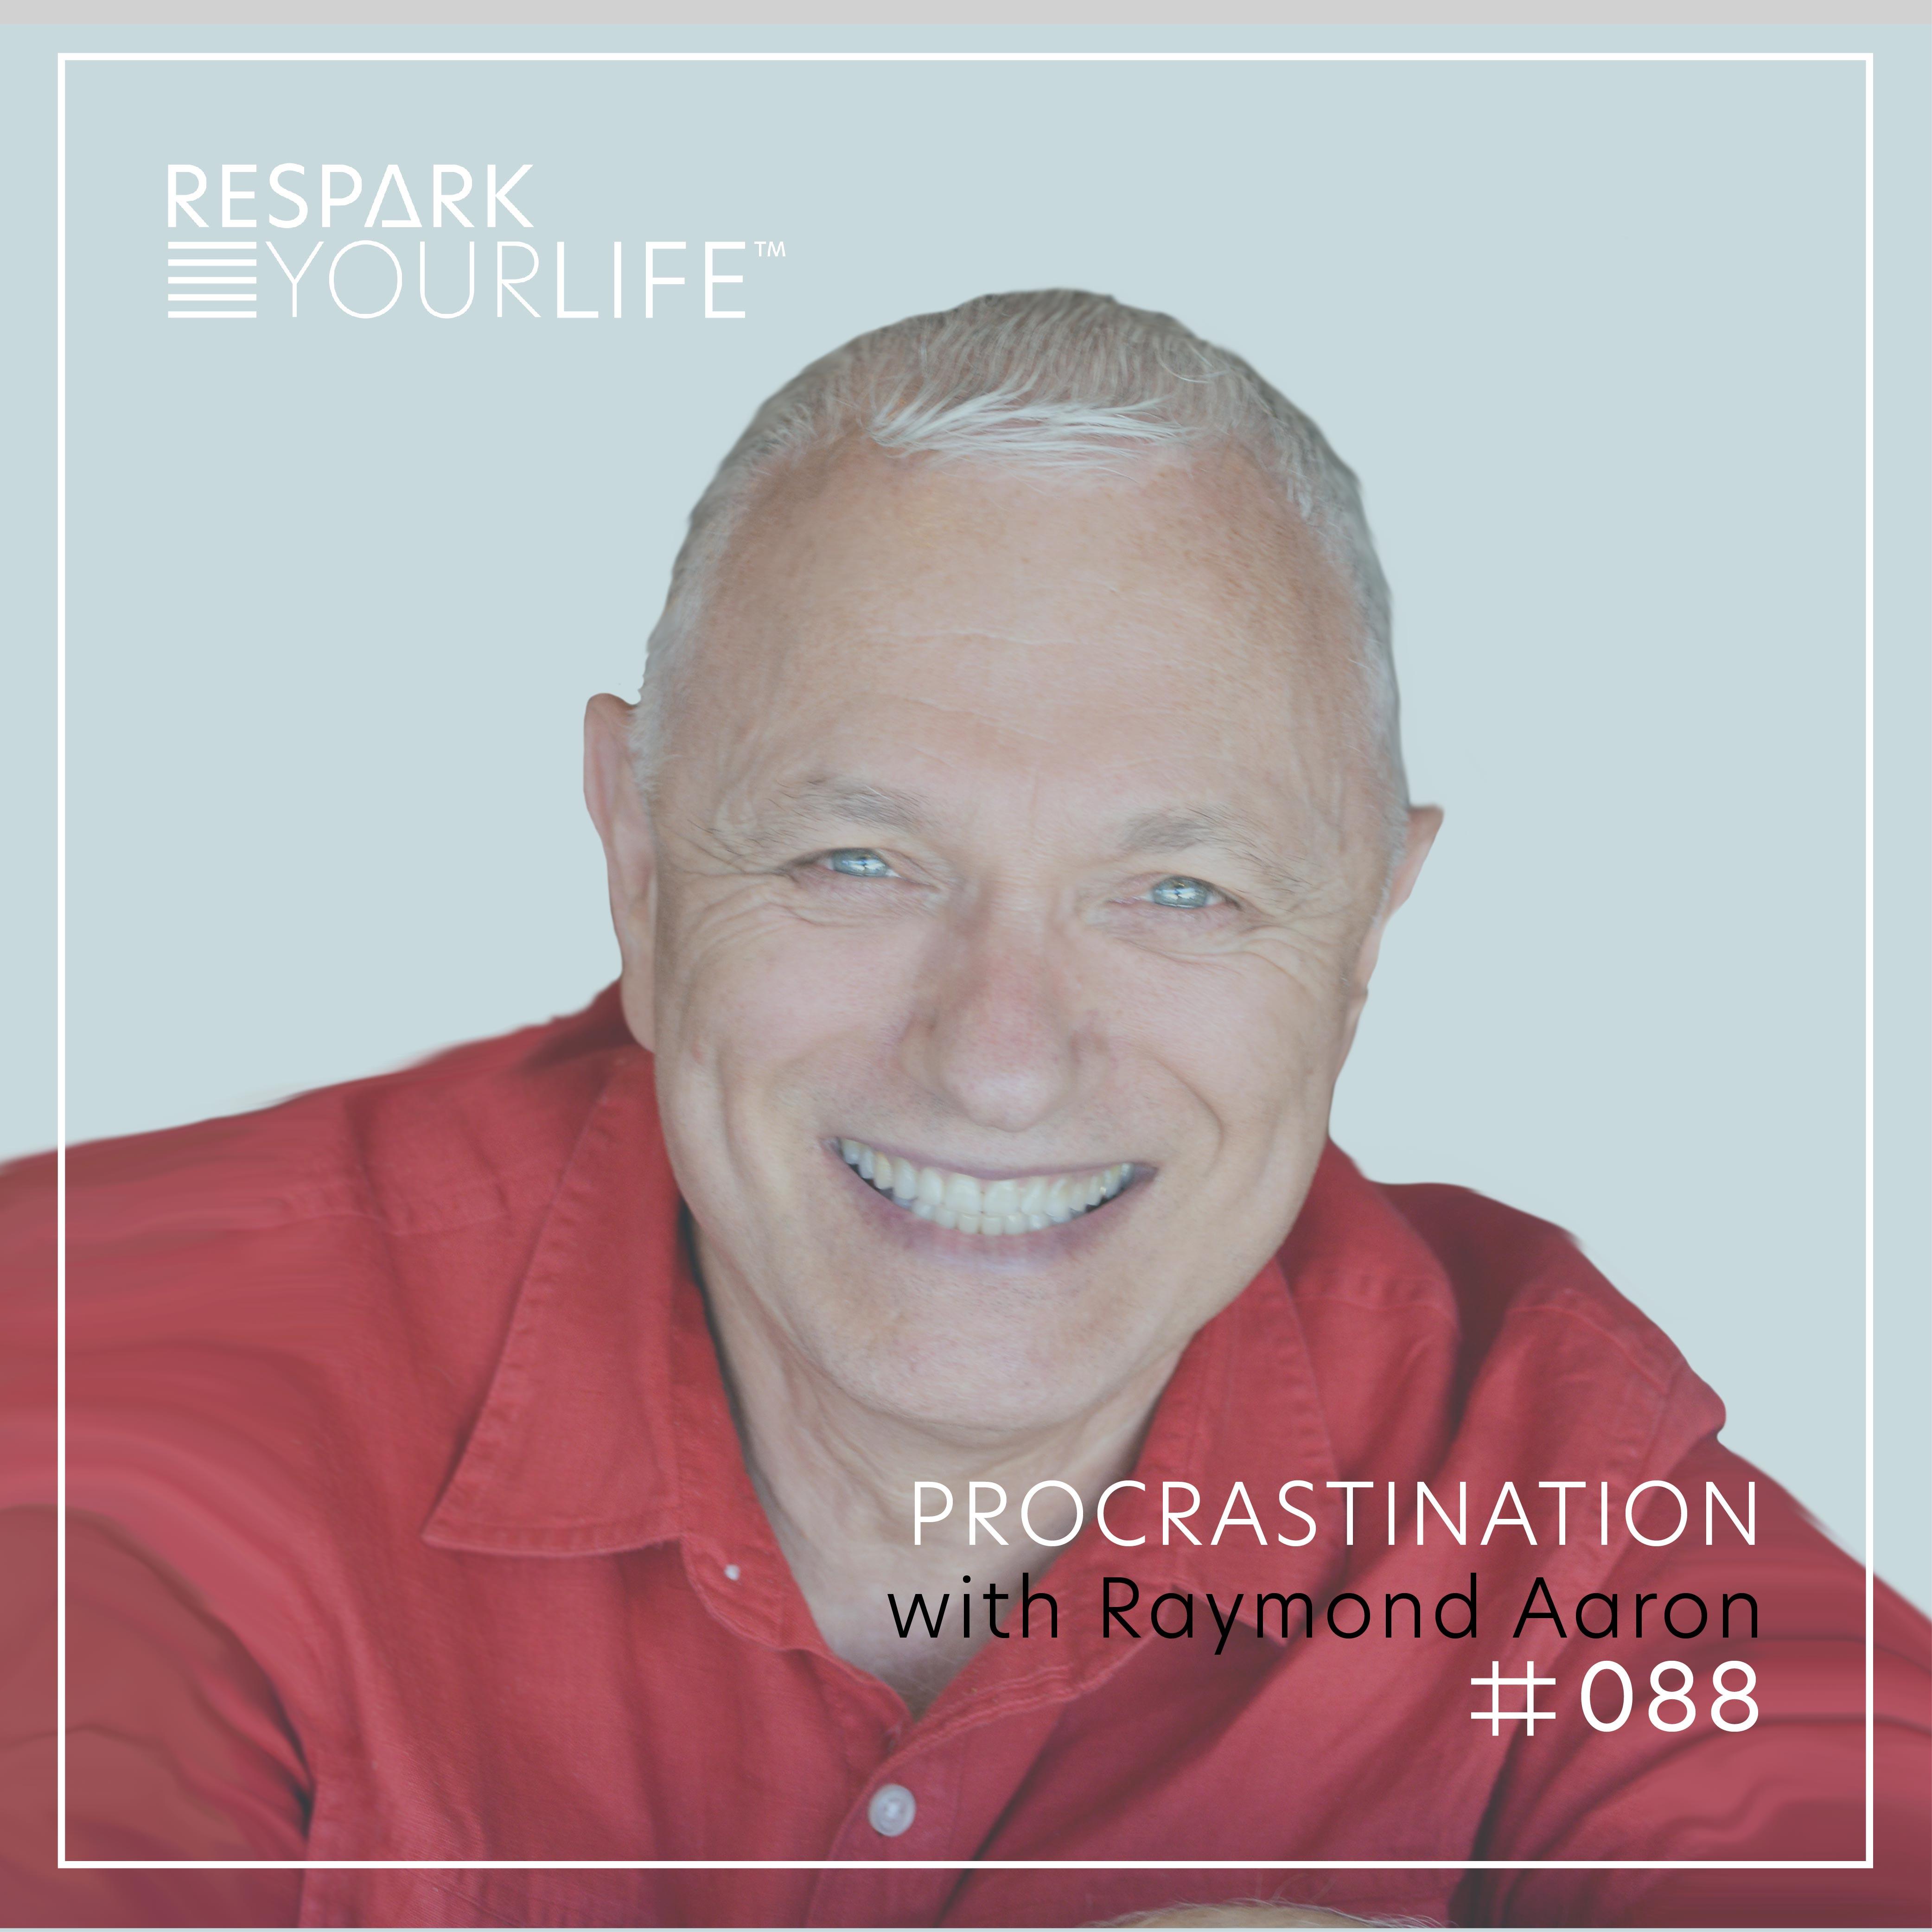 Procrastination with Raymond Aaron